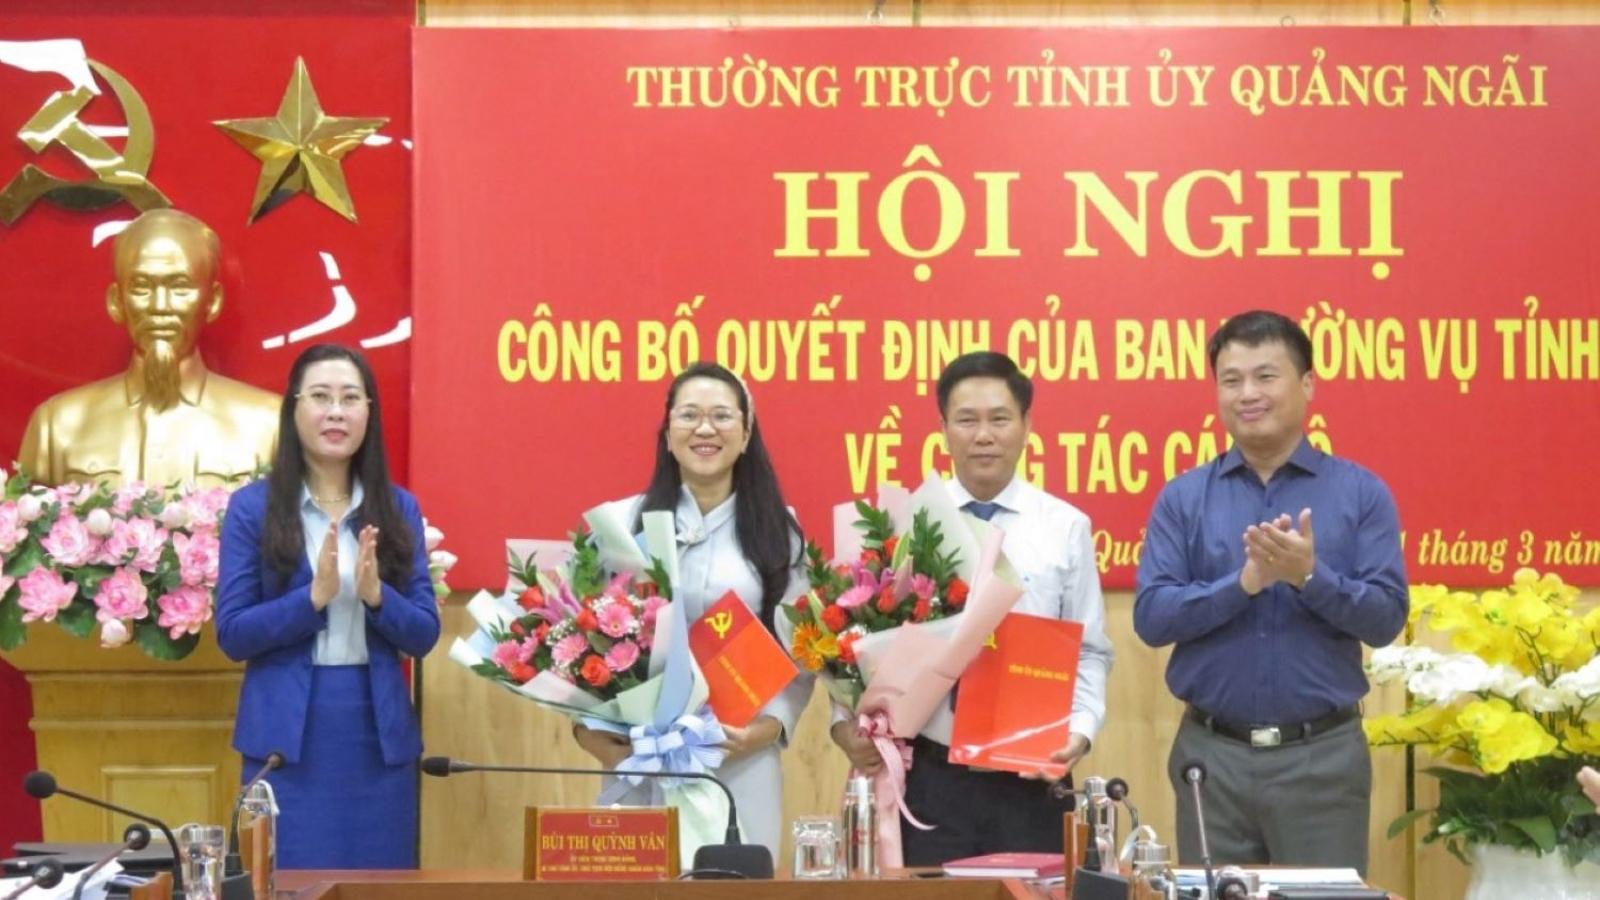 Quảng Ngãi:Bổ nhiệm Chánh Văn phòng UBND tỉnhvà Giám đốc sở Tài Chính